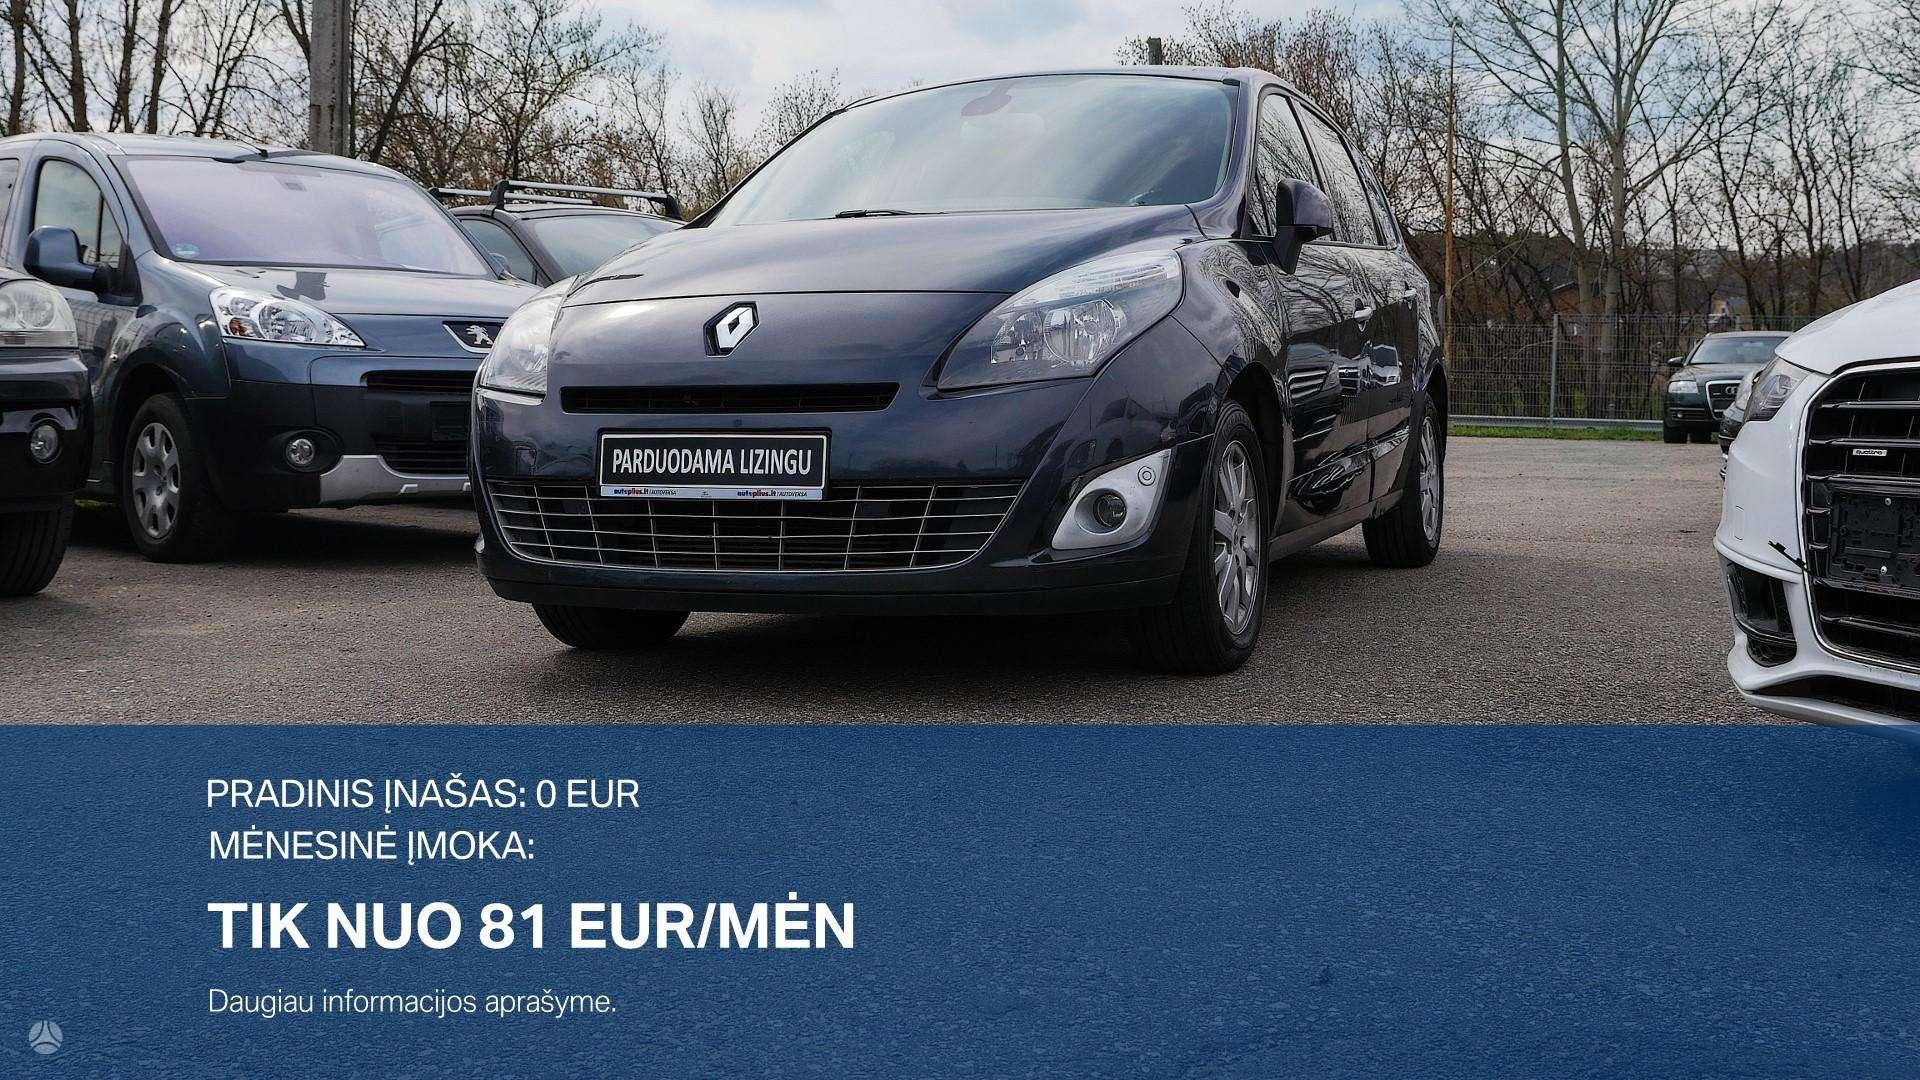 Renault Scenic išsimokėtinai nuo 81Eur/Mėn su 3 mėnesių garantija